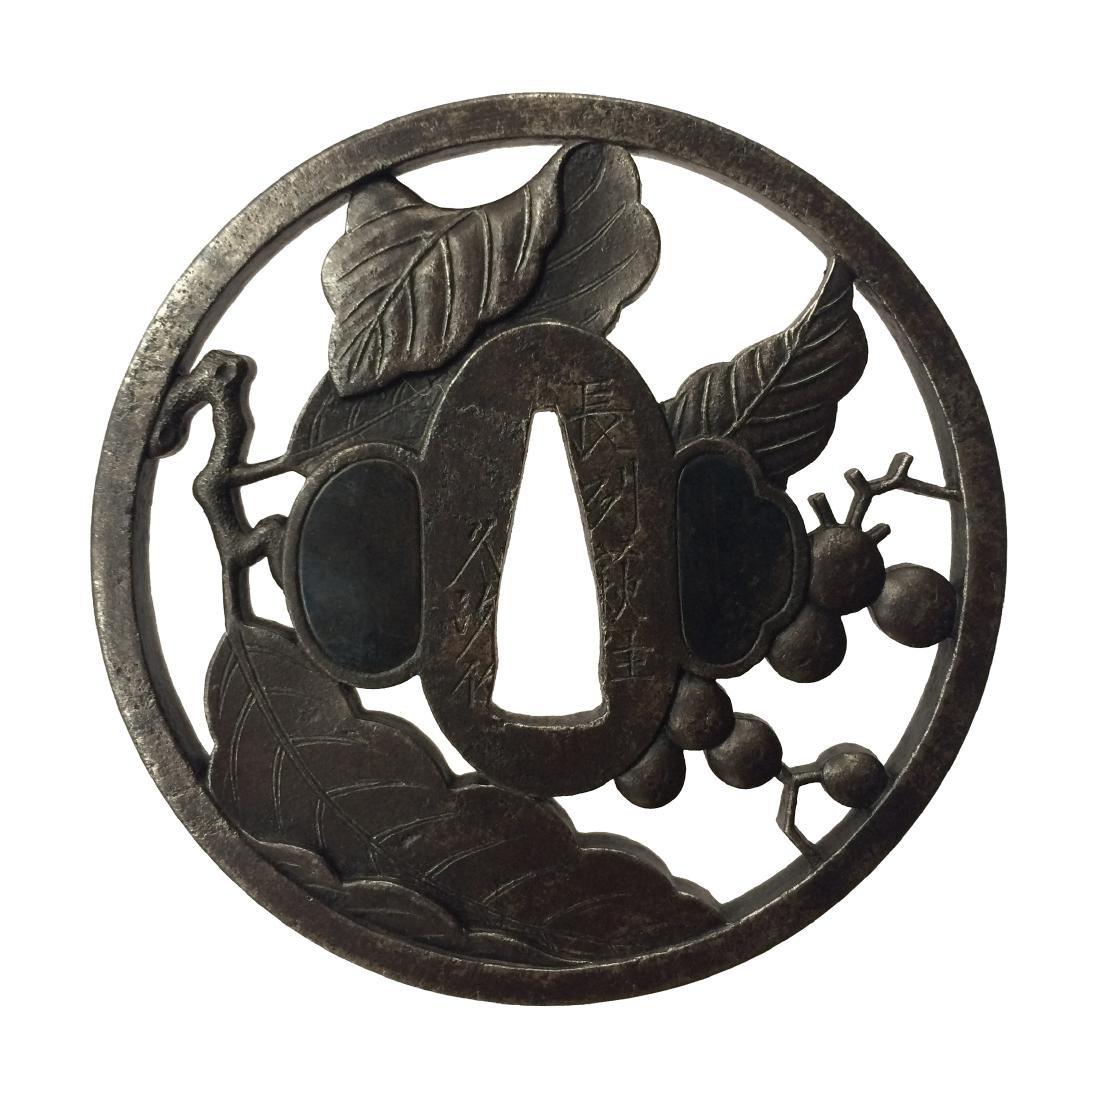 Signed iron sukashi tsuba by Higatsugu Kawaji, Choshu